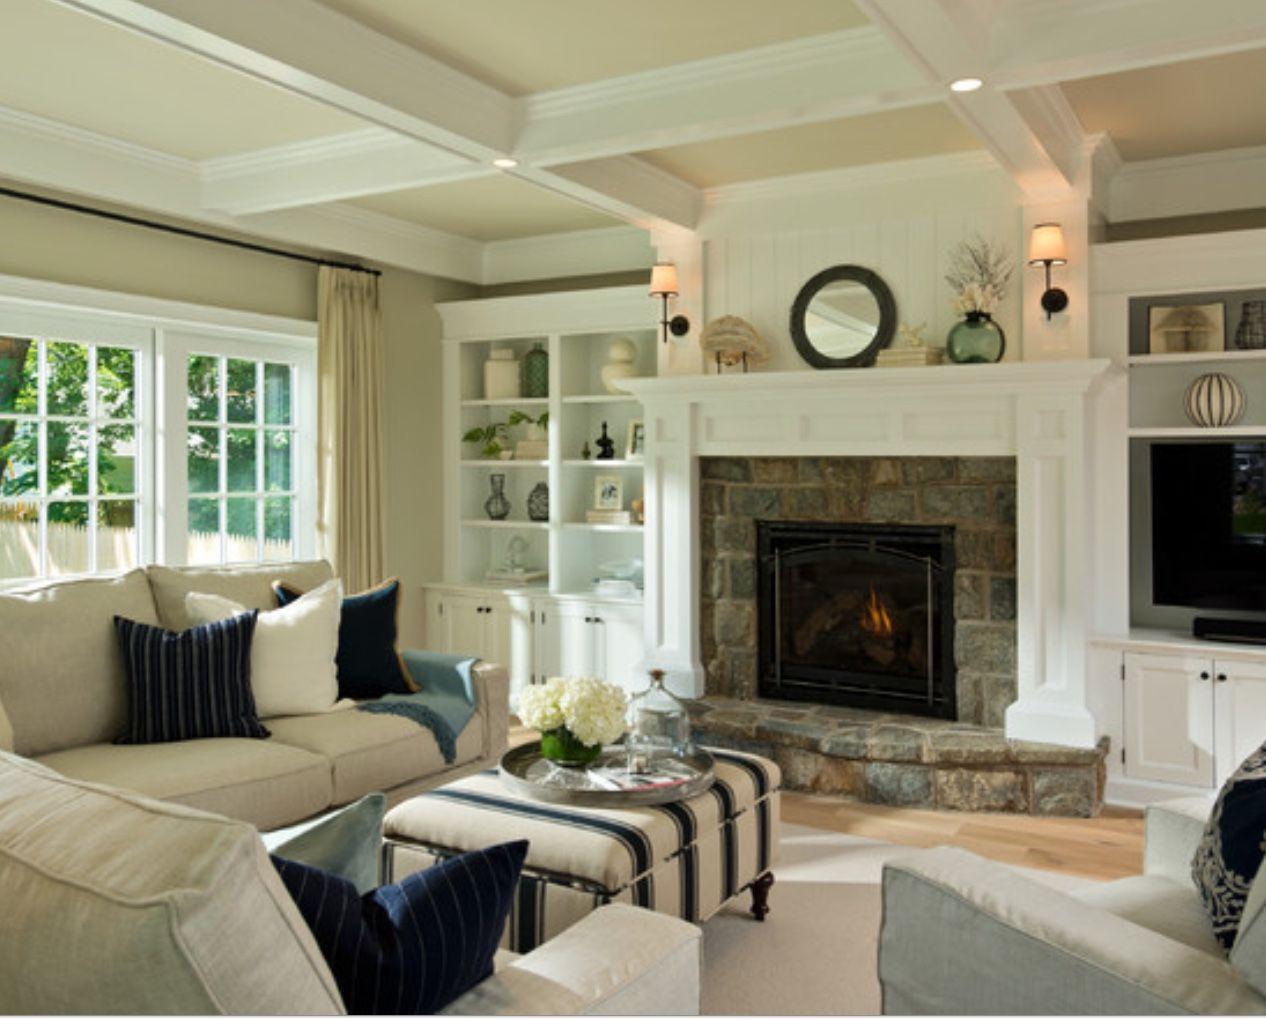 Pin By Misty Hiatt On Lounge Family Room Design Living Room Design Modern House